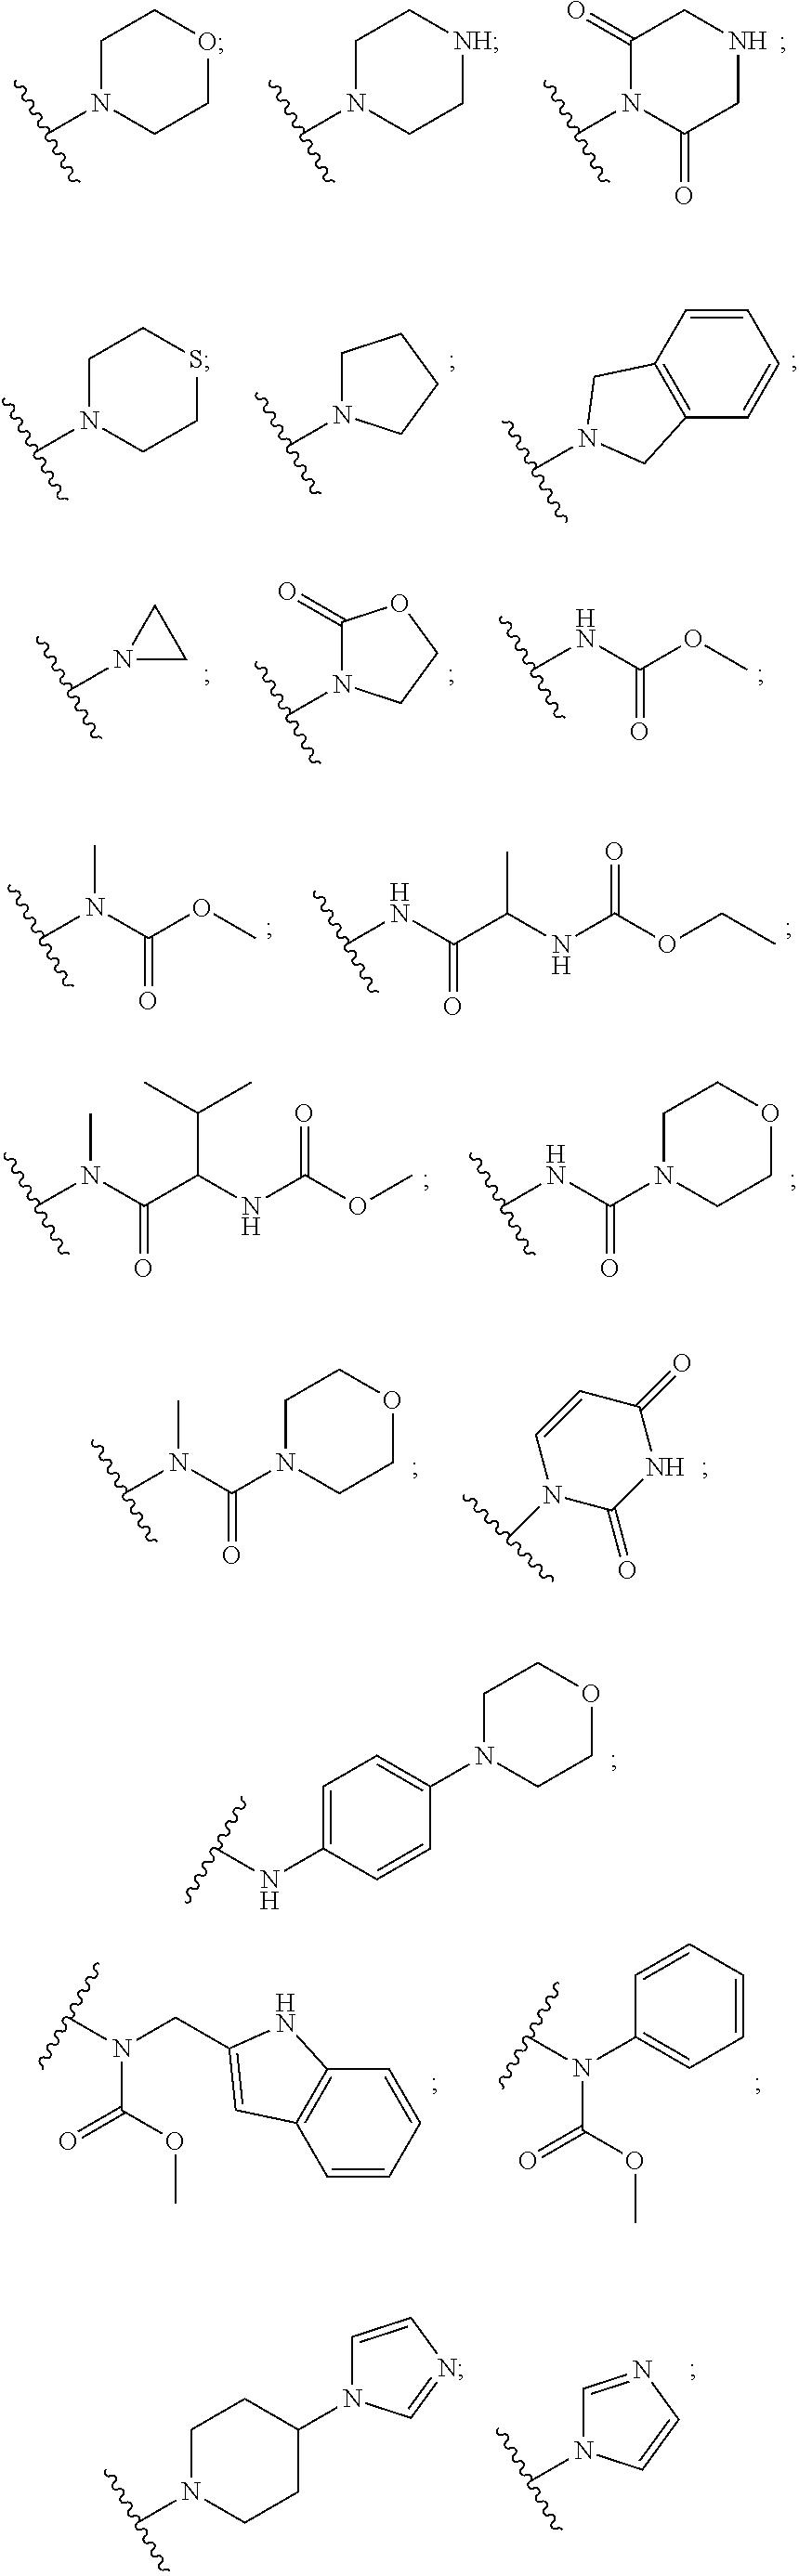 Figure US09669095-20170606-C00007